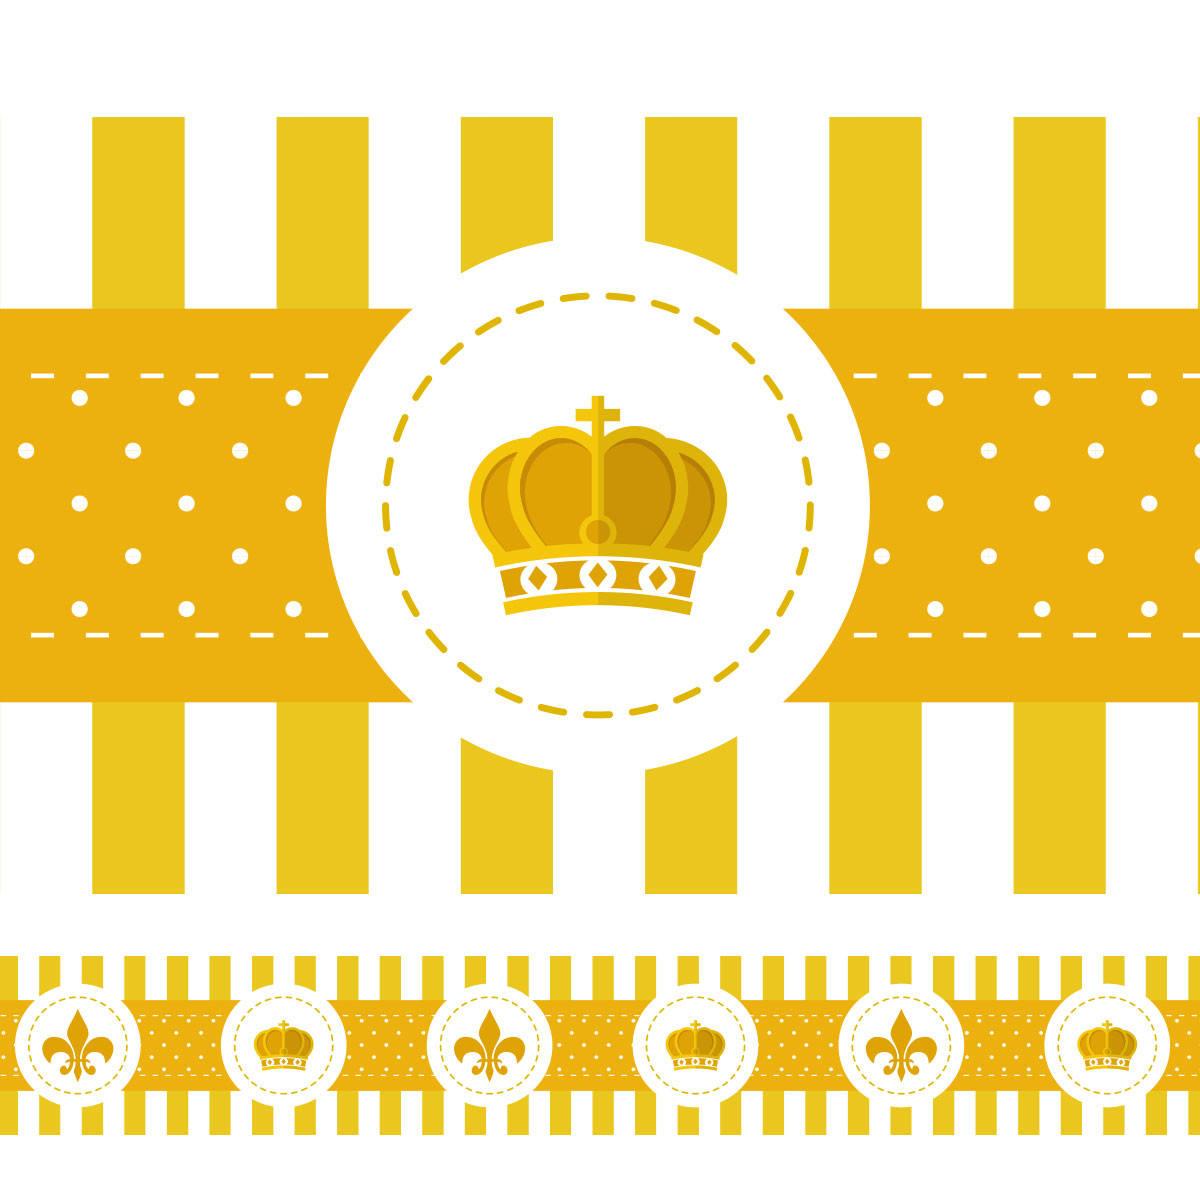 Faixa Decorativa Coroa e Flor de Lis - (Amarela)